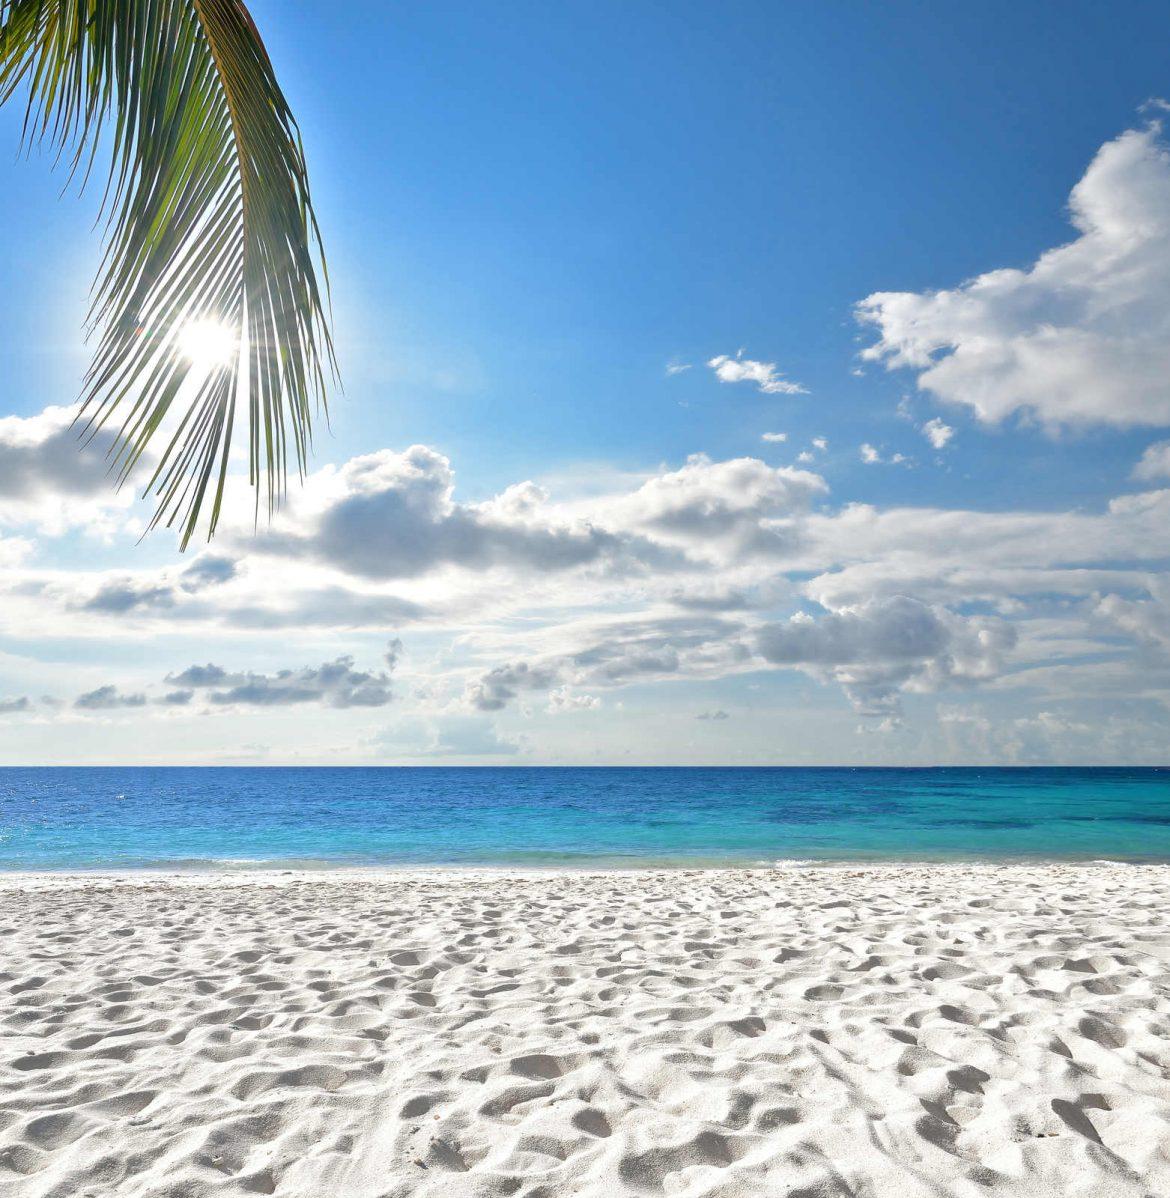 St Maarten Beaches